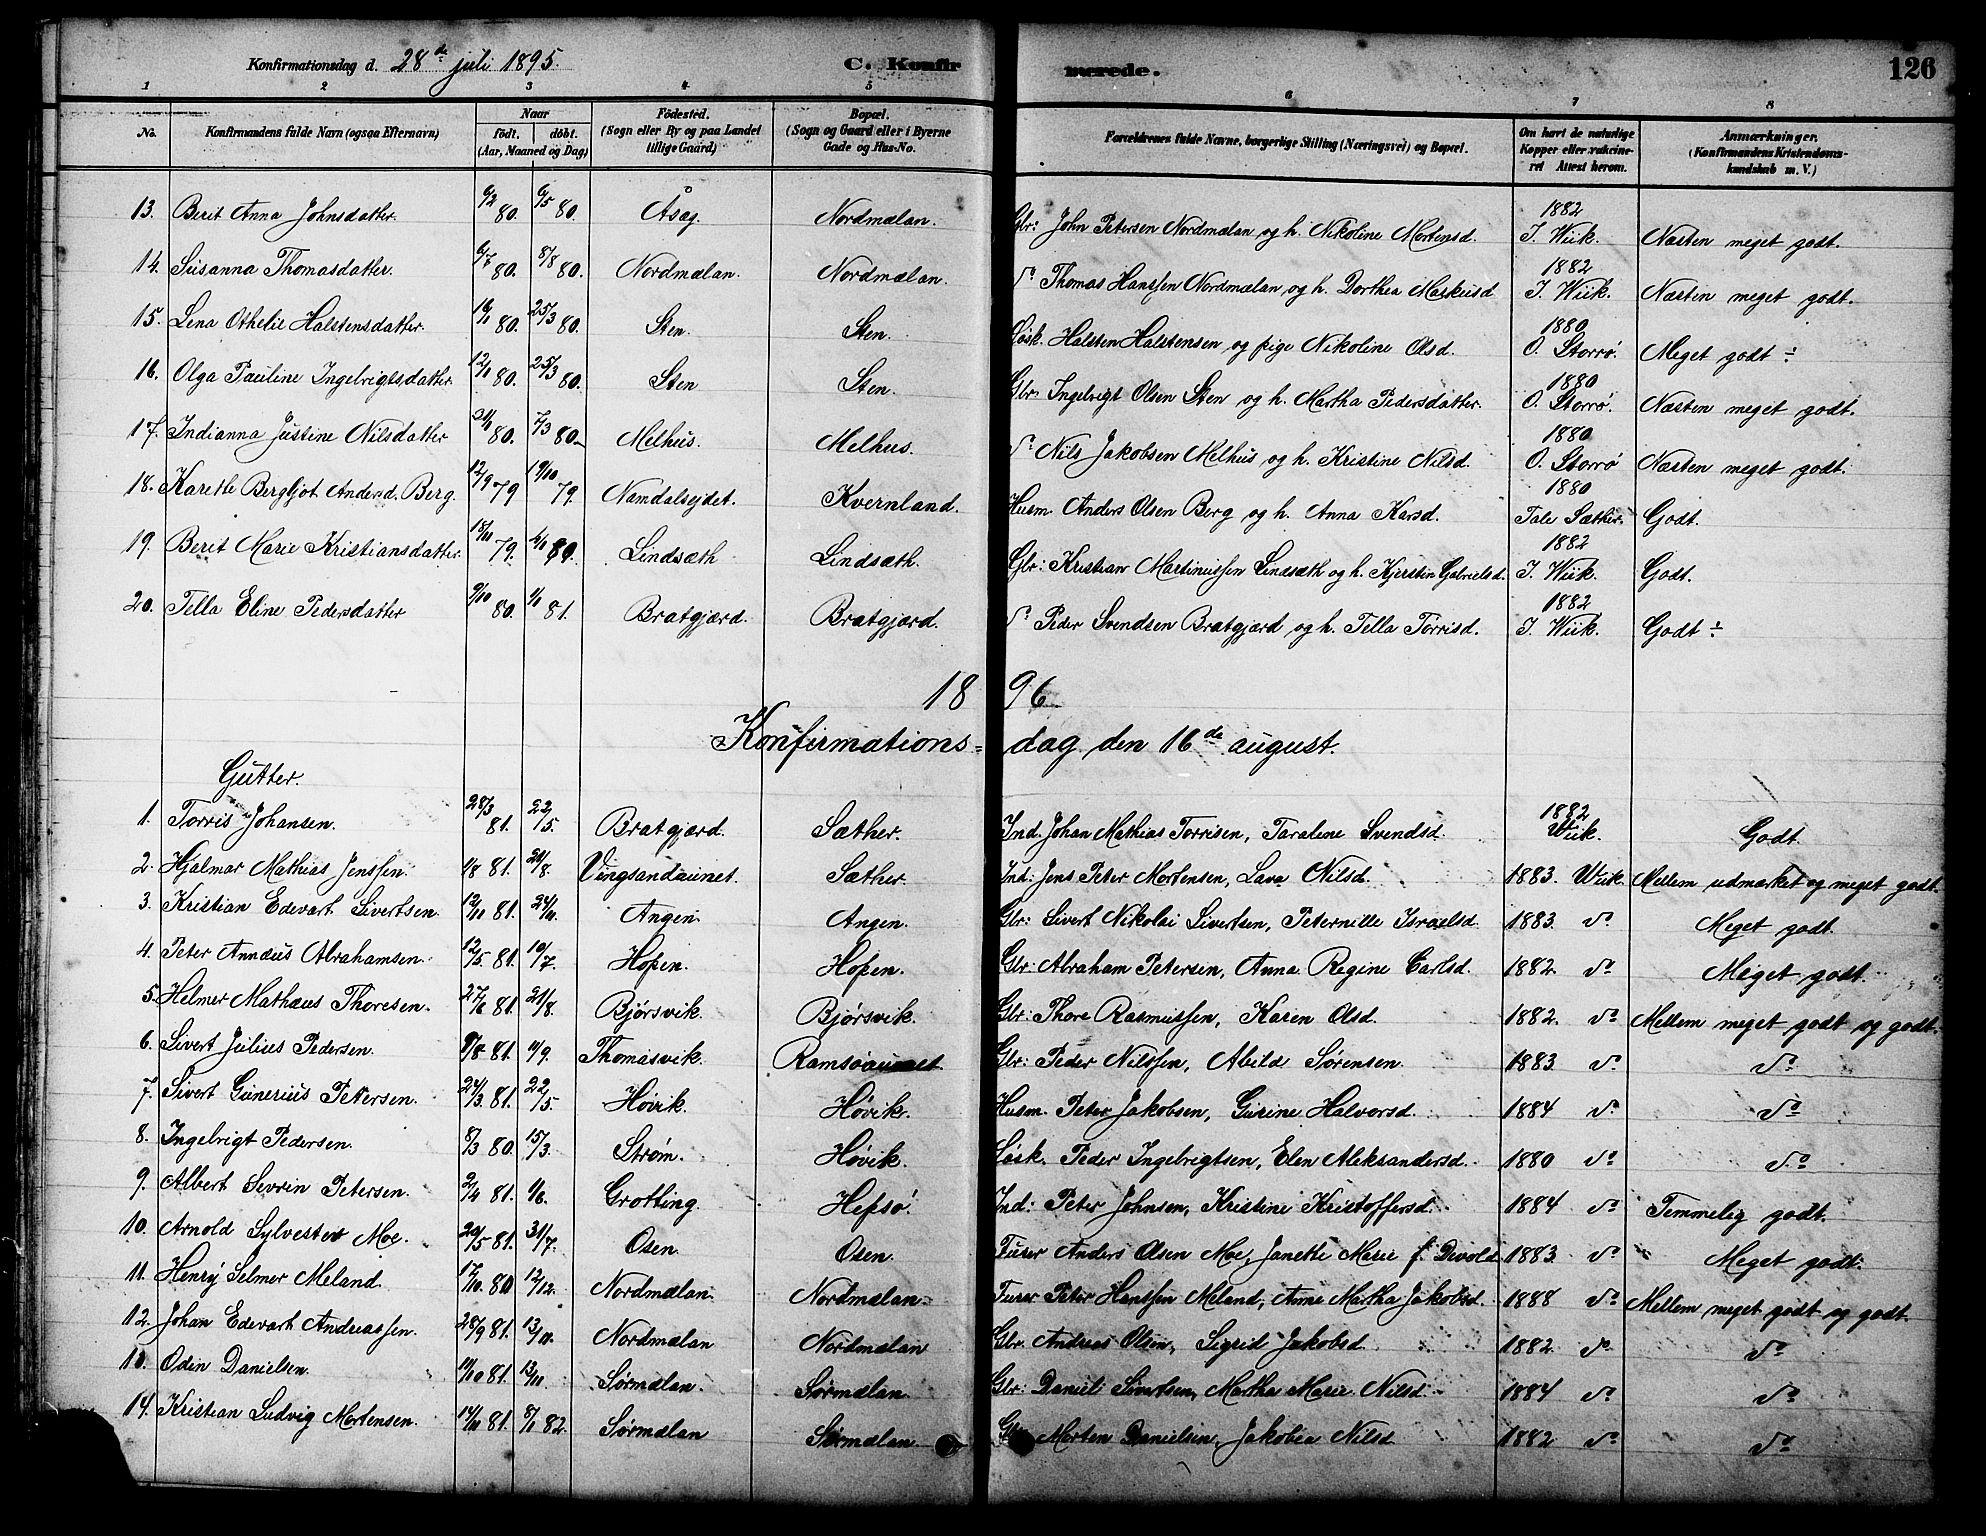 SAT, Ministerialprotokoller, klokkerbøker og fødselsregistre - Sør-Trøndelag, 658/L0726: Klokkerbok nr. 658C02, 1883-1908, s. 126